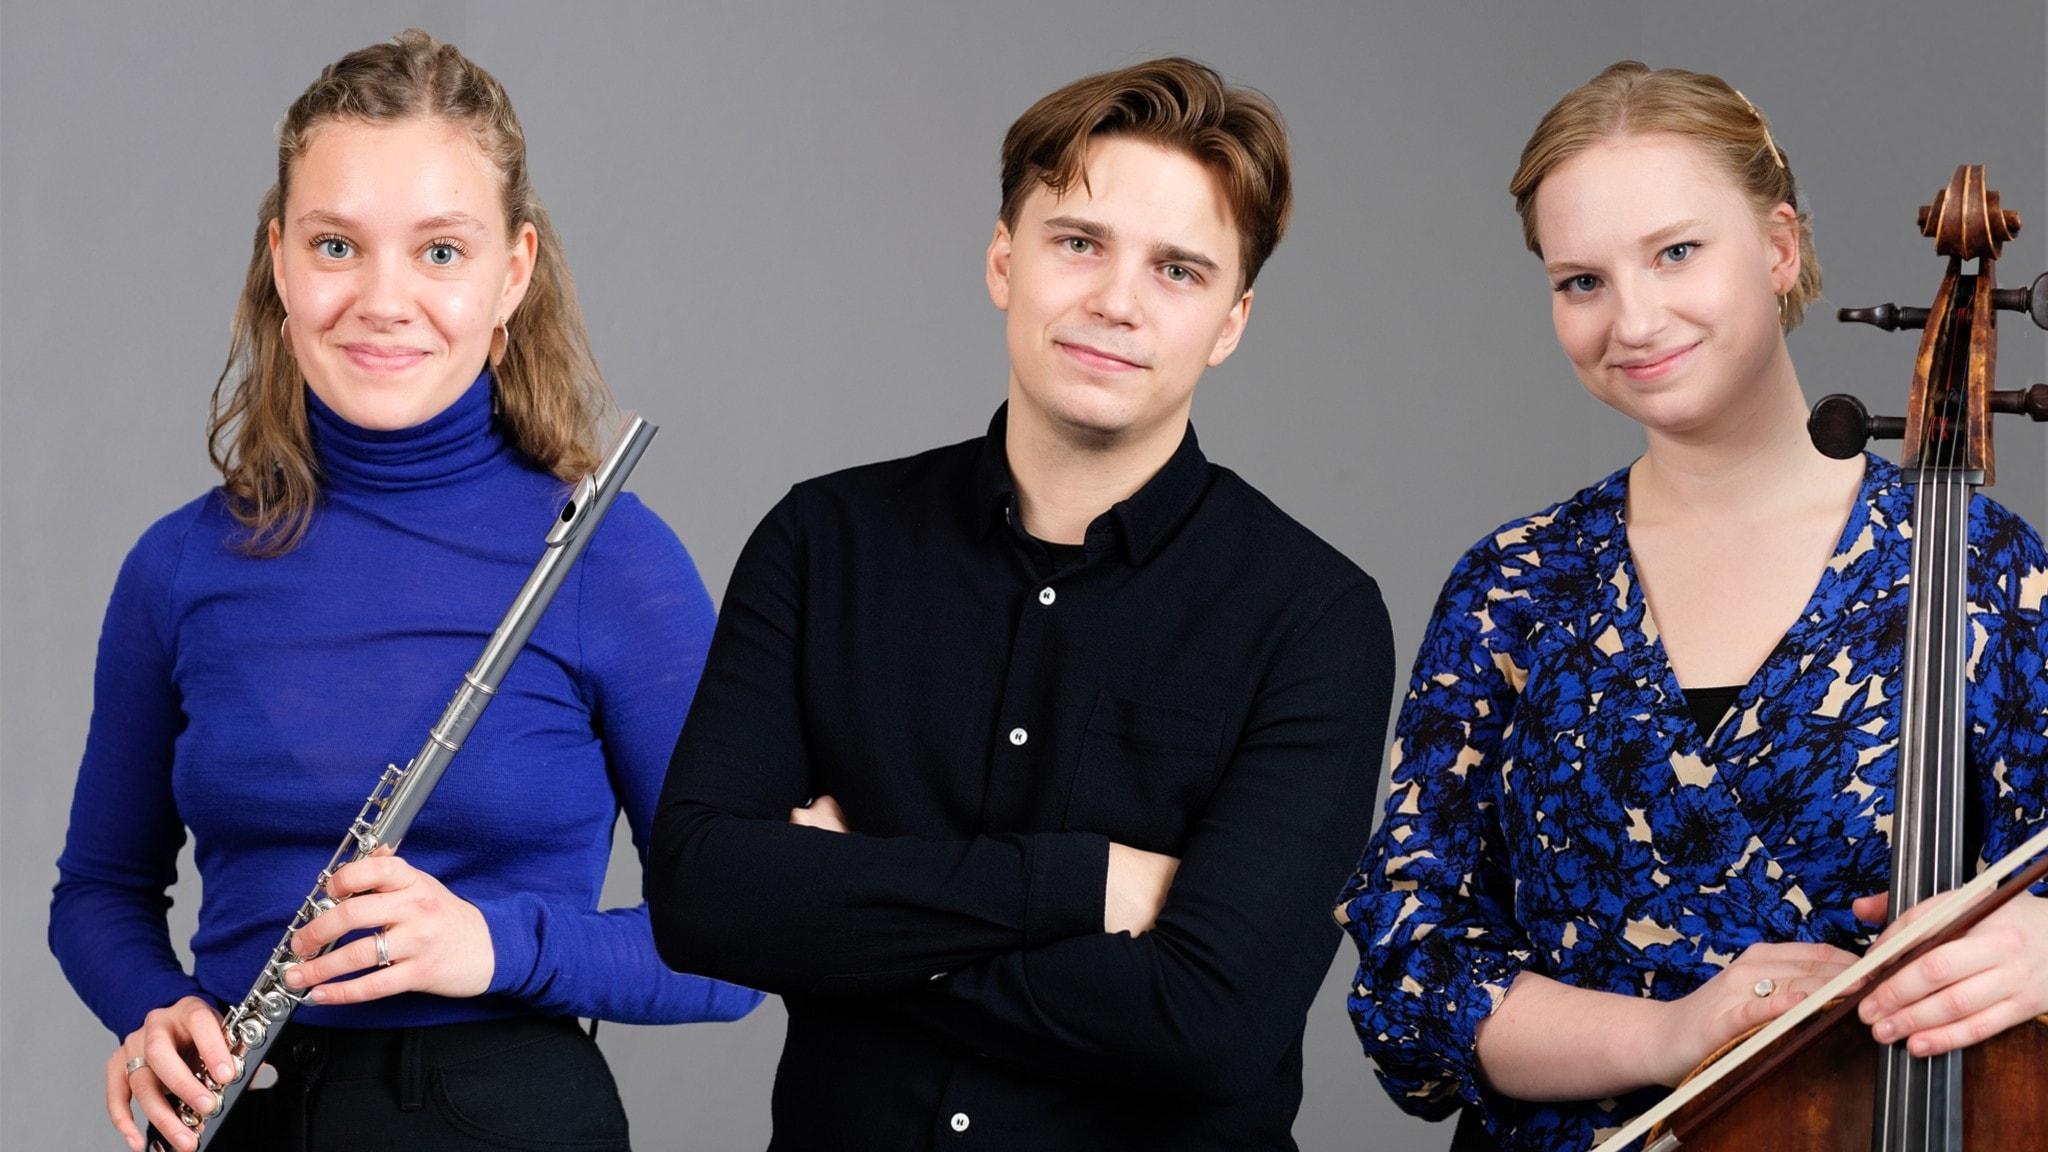 Solistprisfinalisterna spelar musik av Prokofjev, Martinu och Bäck